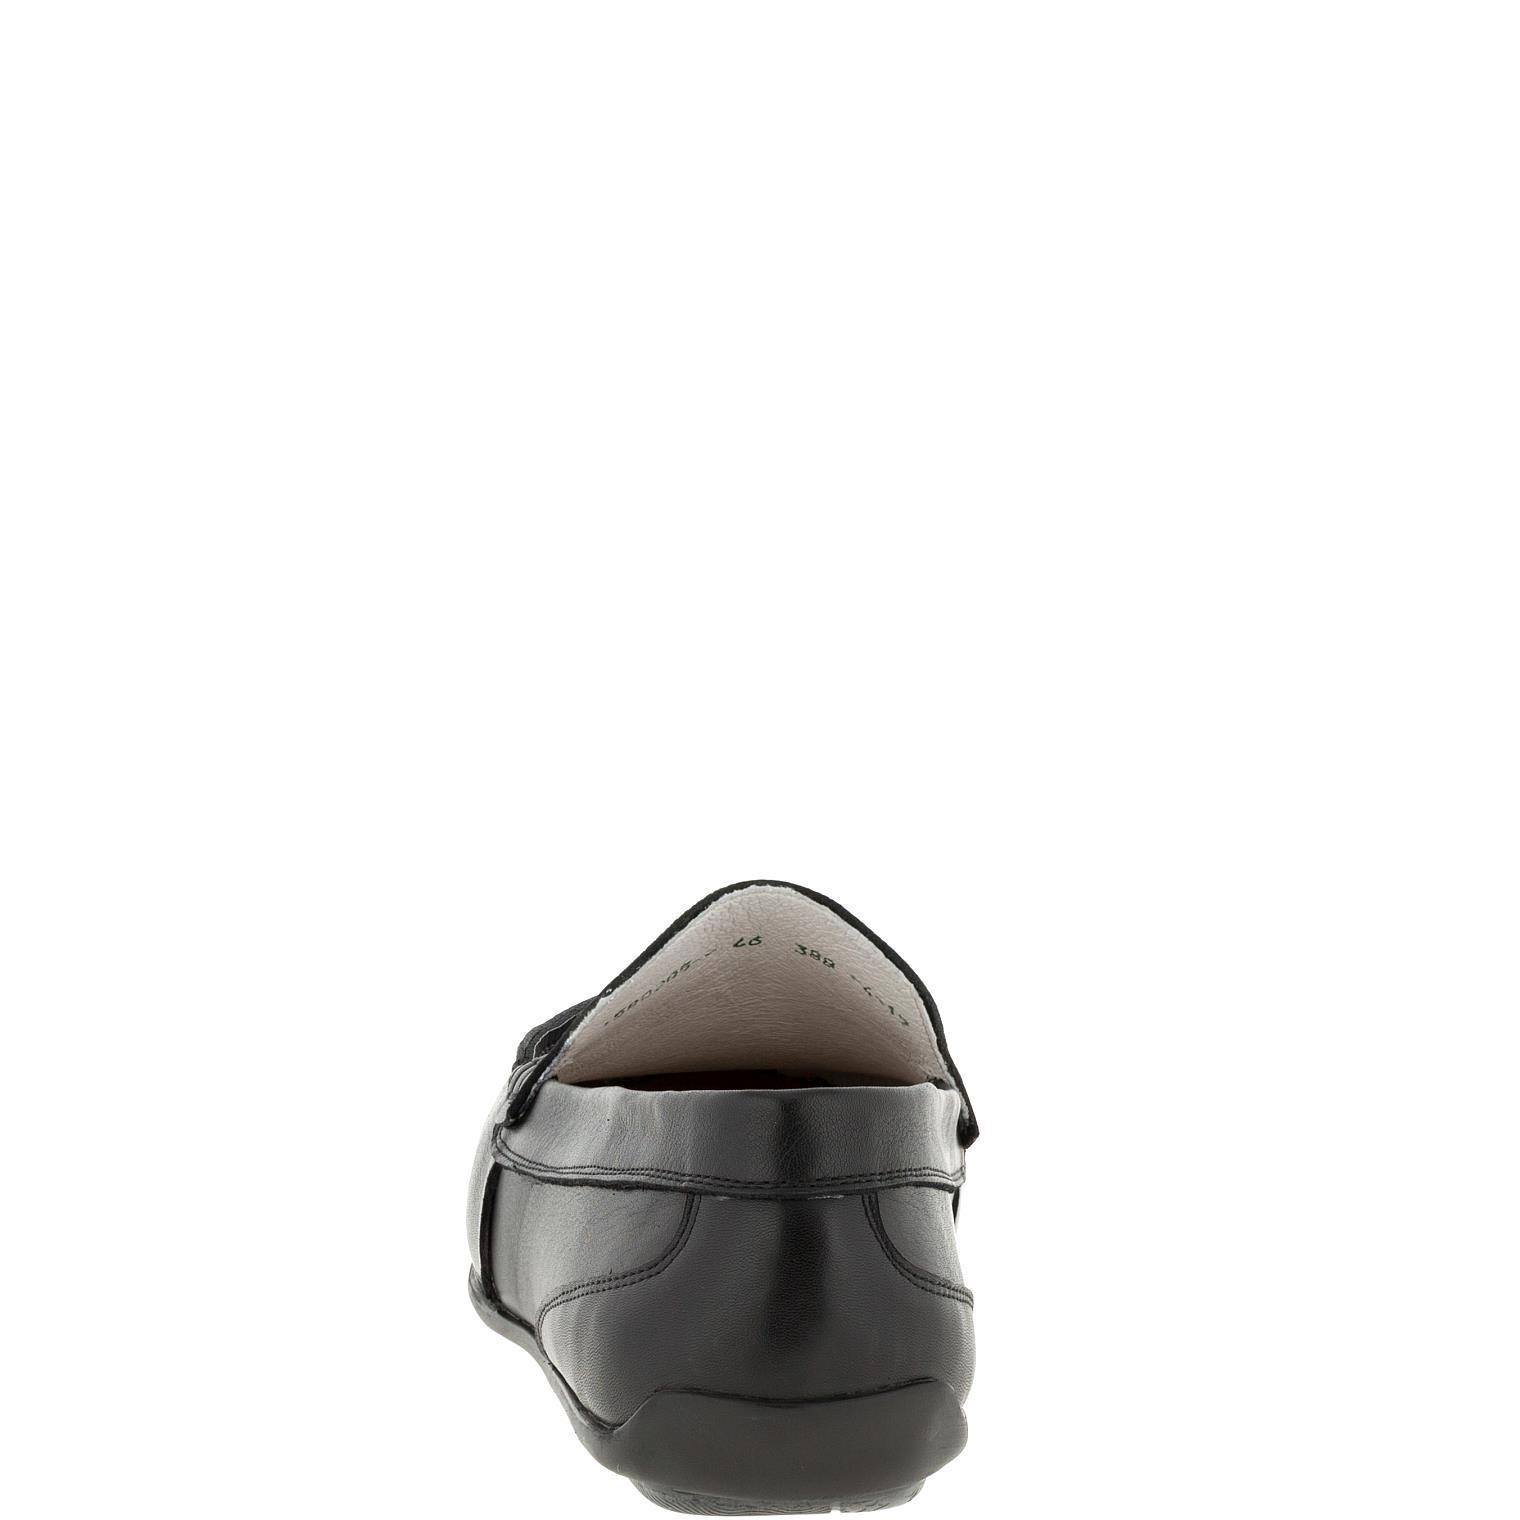 580205 Мокасины мужские кожа больших размеров марки Делфино